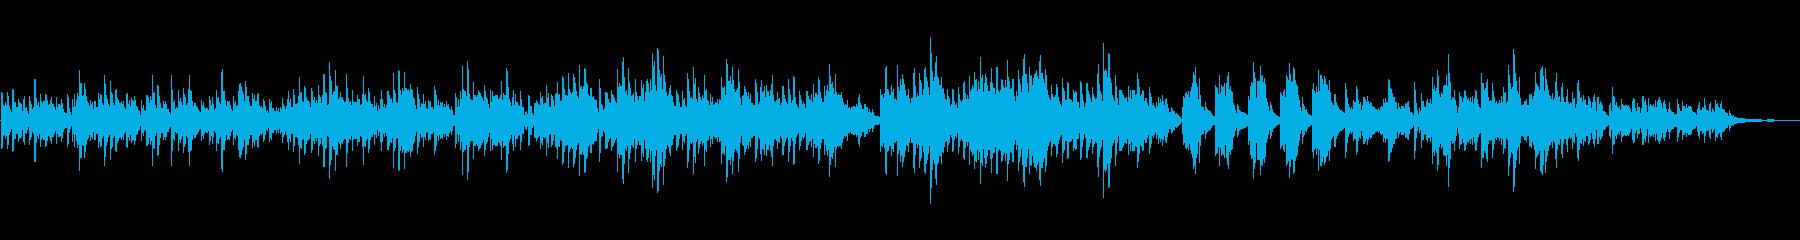 生ピアノソロ・枯葉がはらはら落ちるの再生済みの波形